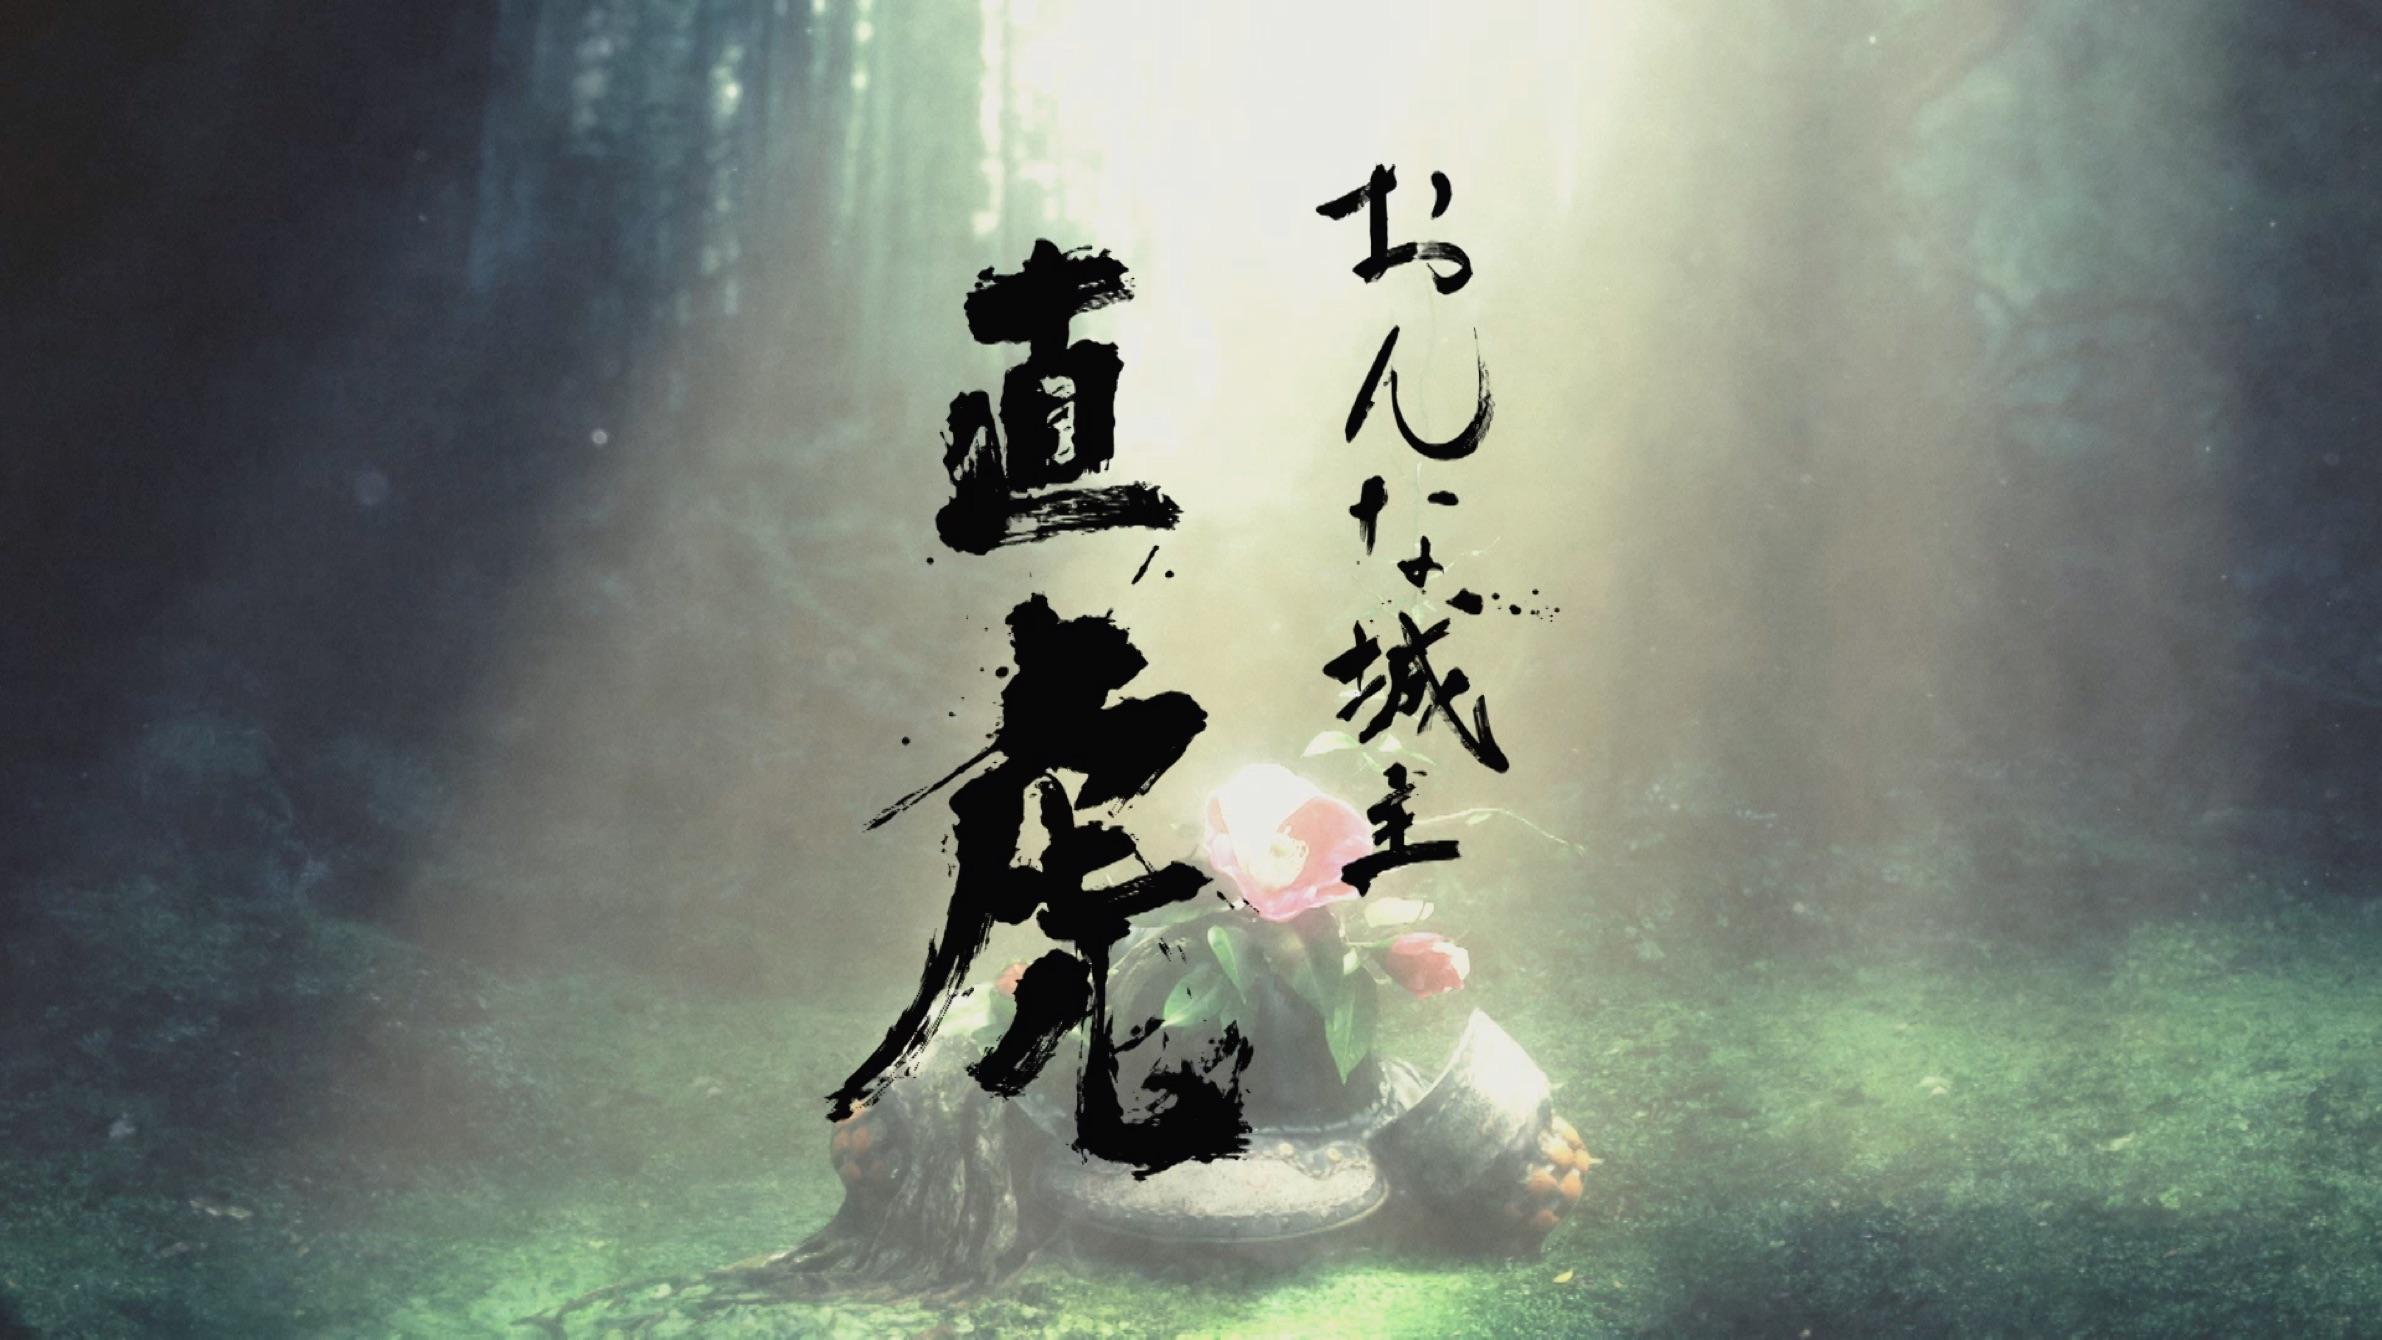 大河ドラマ「おんな城主 直虎」